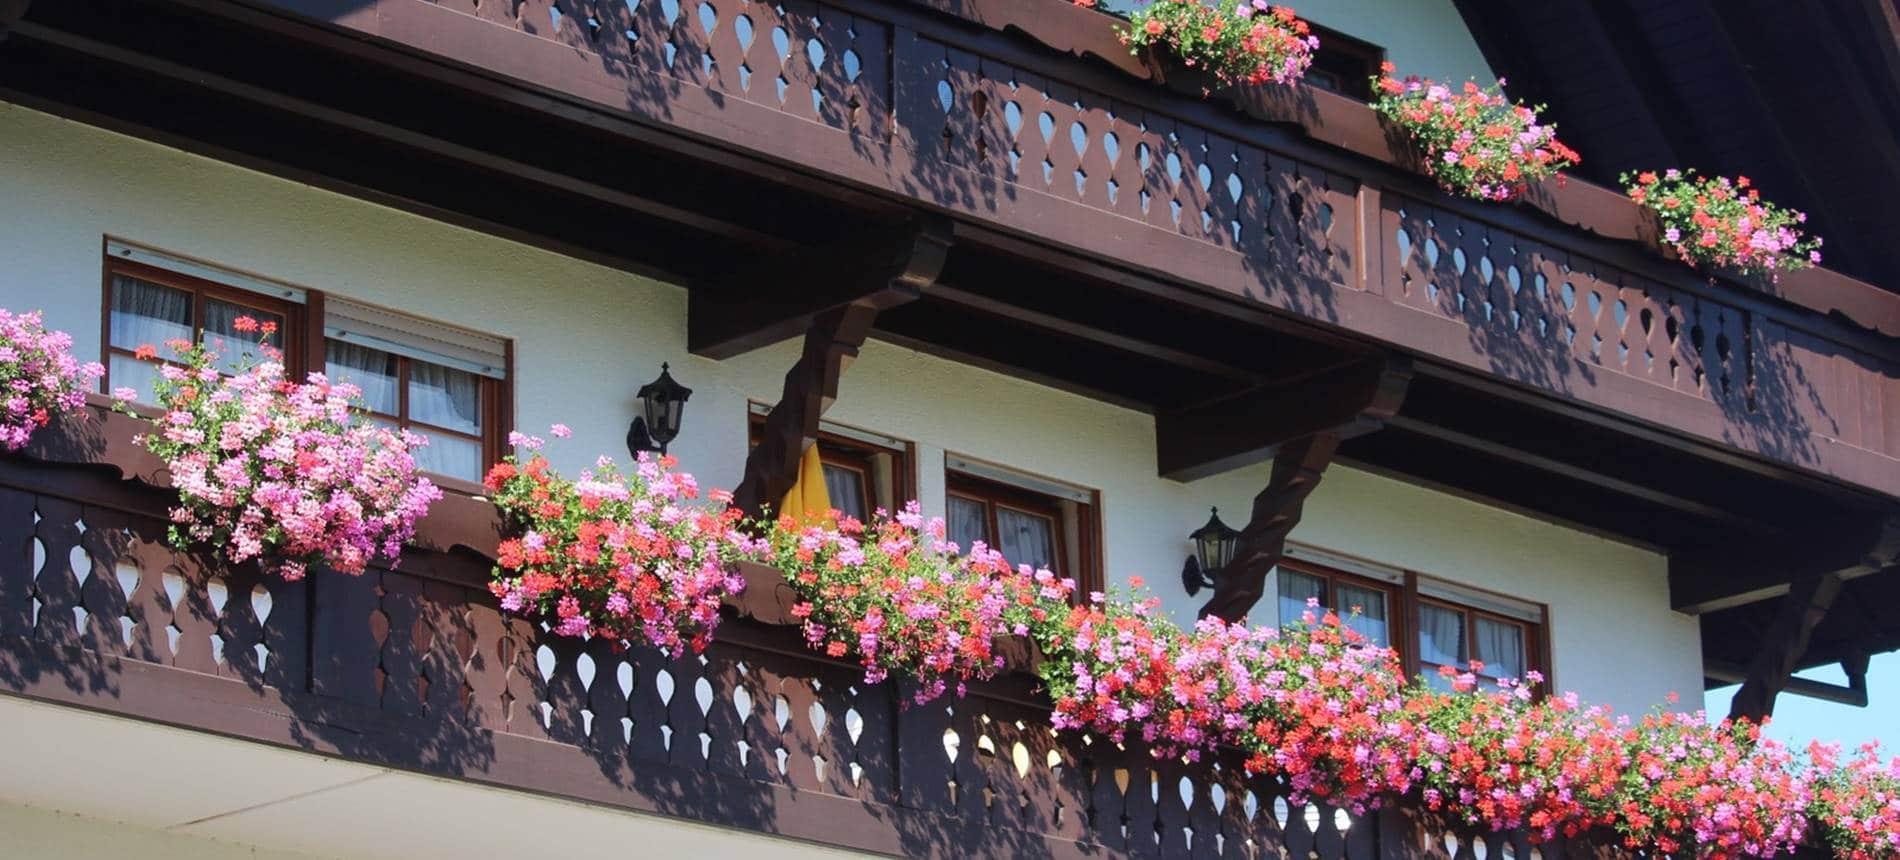 hugeseppehof-balkon